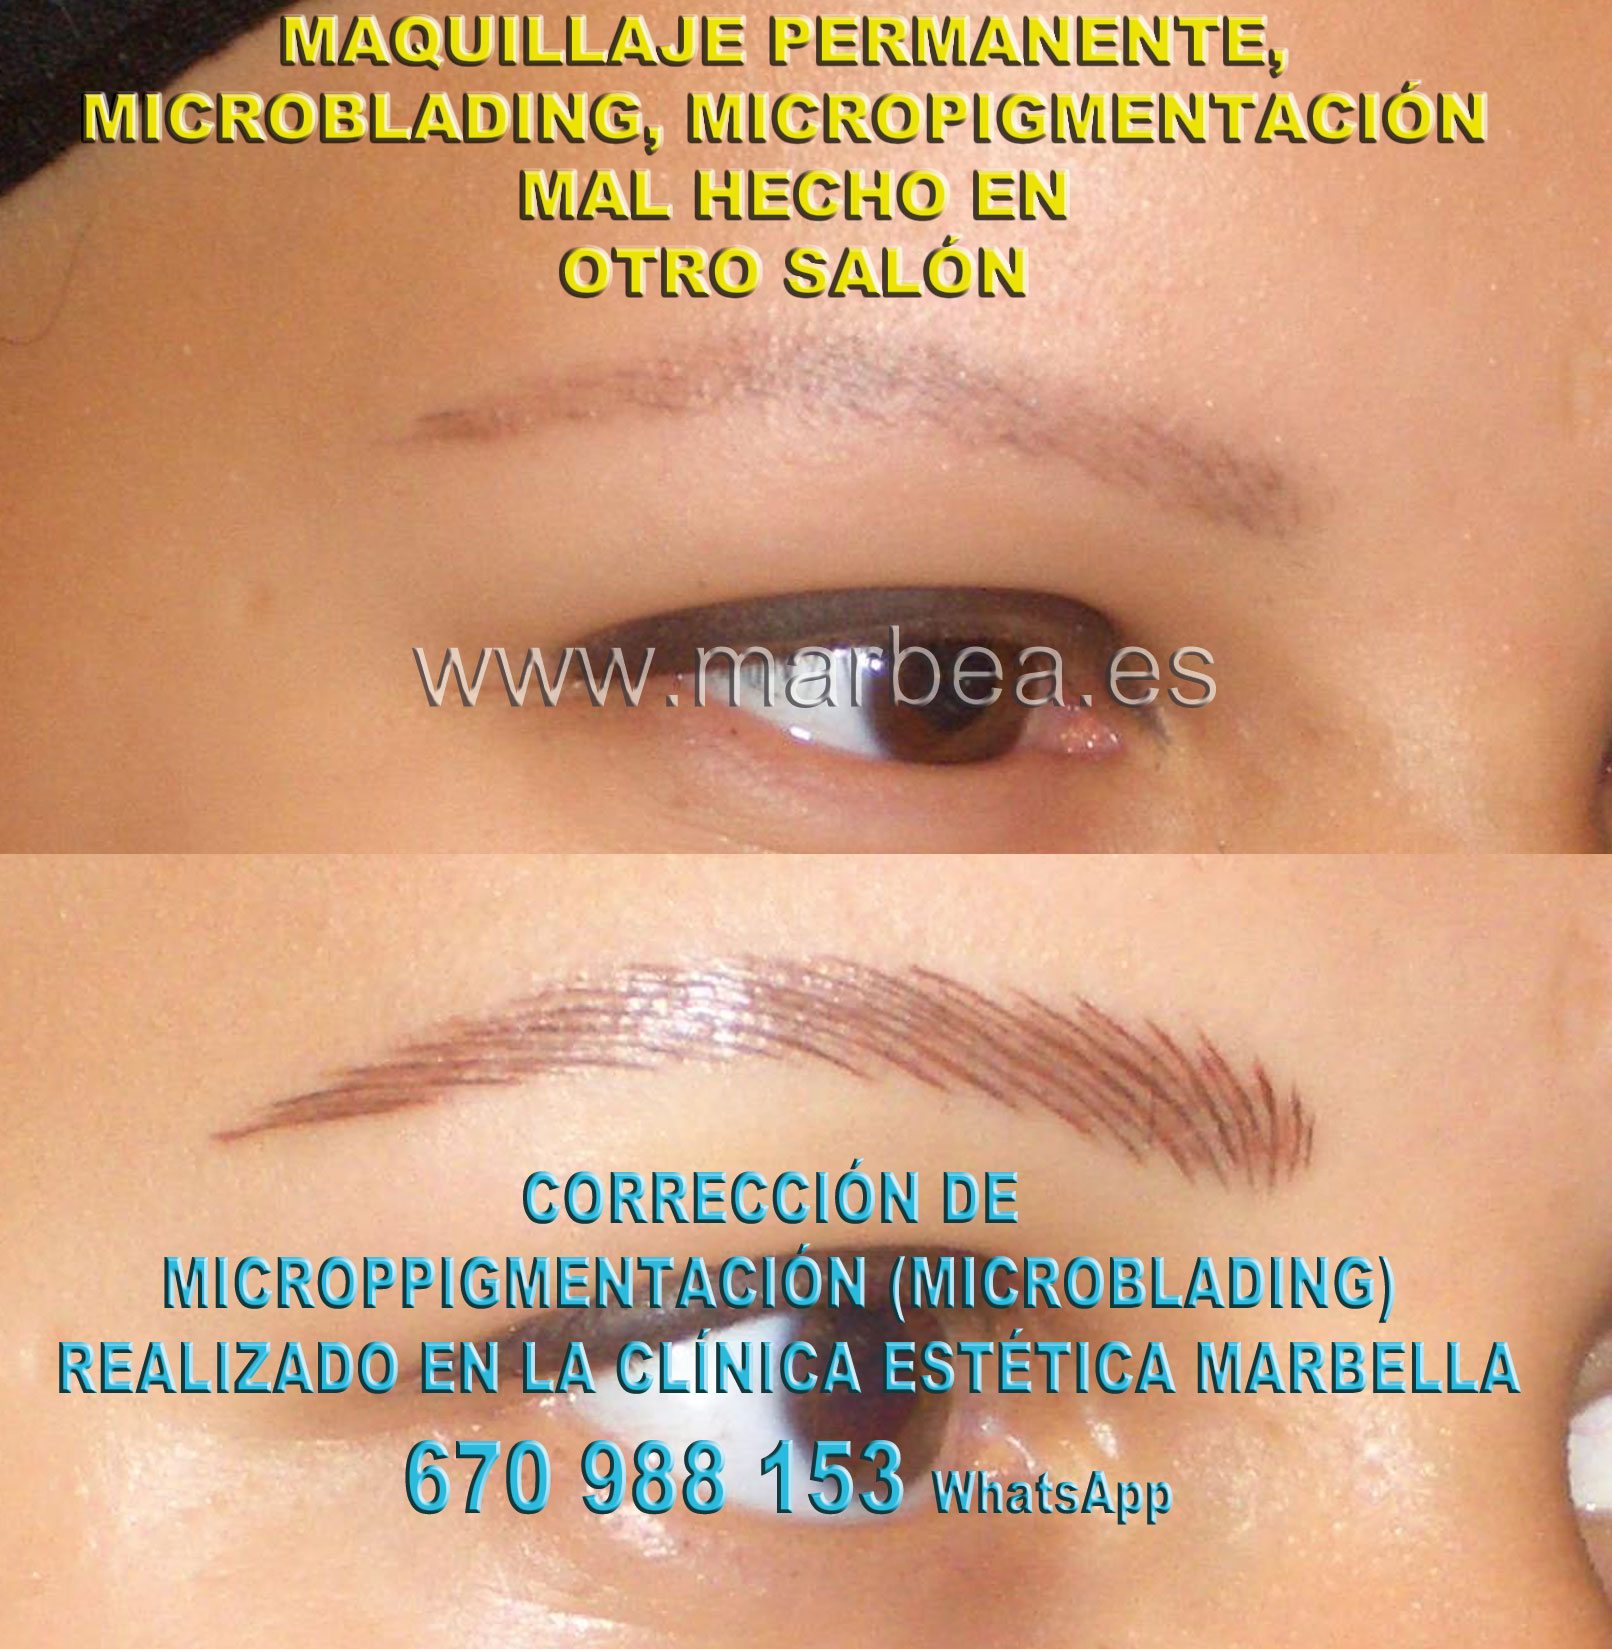 Borrar maquillaje permanente mal hecha clínica estética microblading propone micropigmentacion correctiva de cejas,reparamos microppigmentacion mal hechos